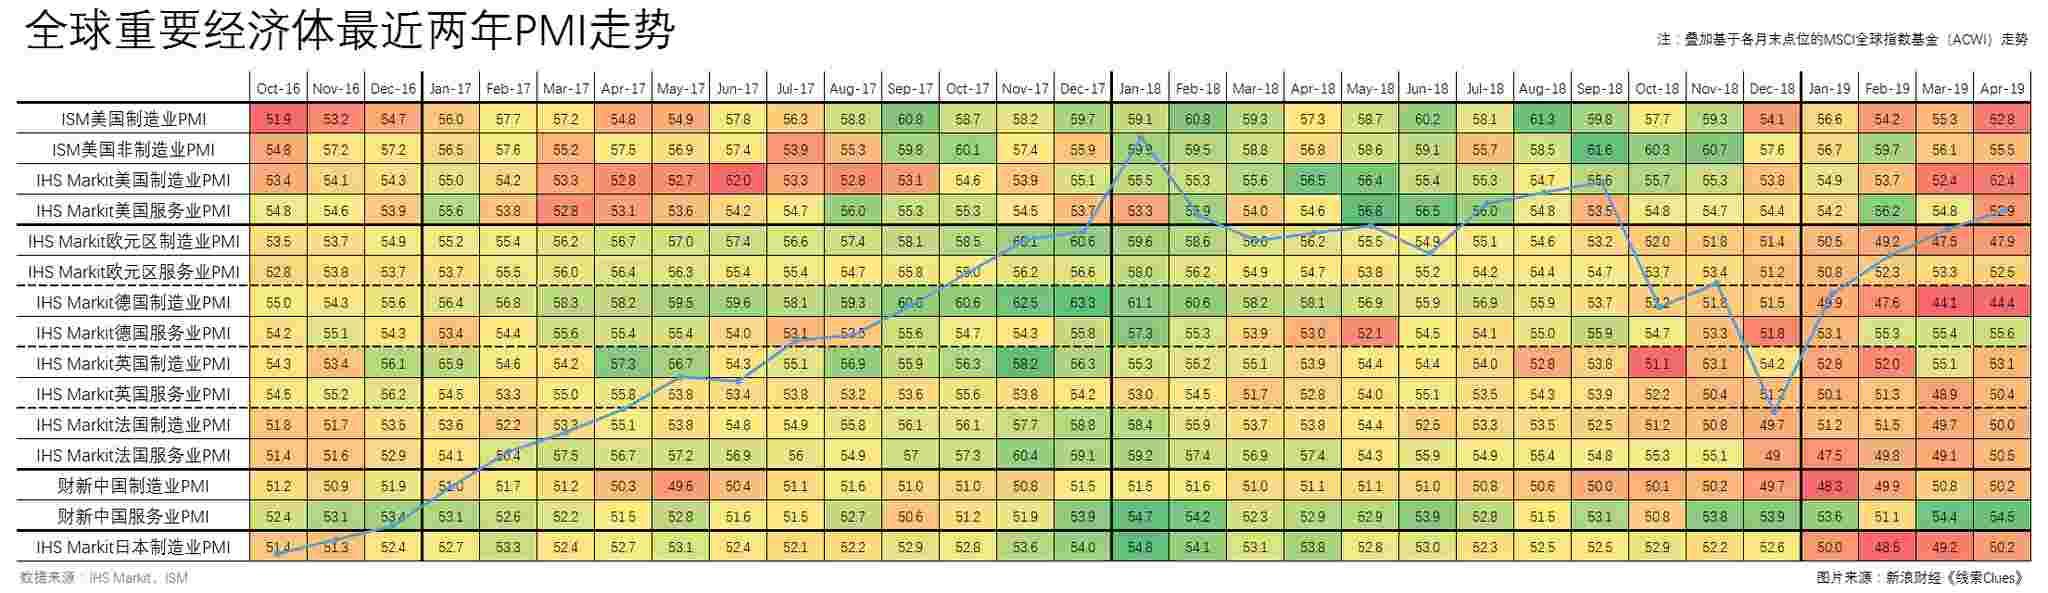 近来两年主要经济体。采购经理指数(PMI),叠添基于各月末收盘价位的MSCI全球指数基金(ACWI)走势(图片:新浪财经)